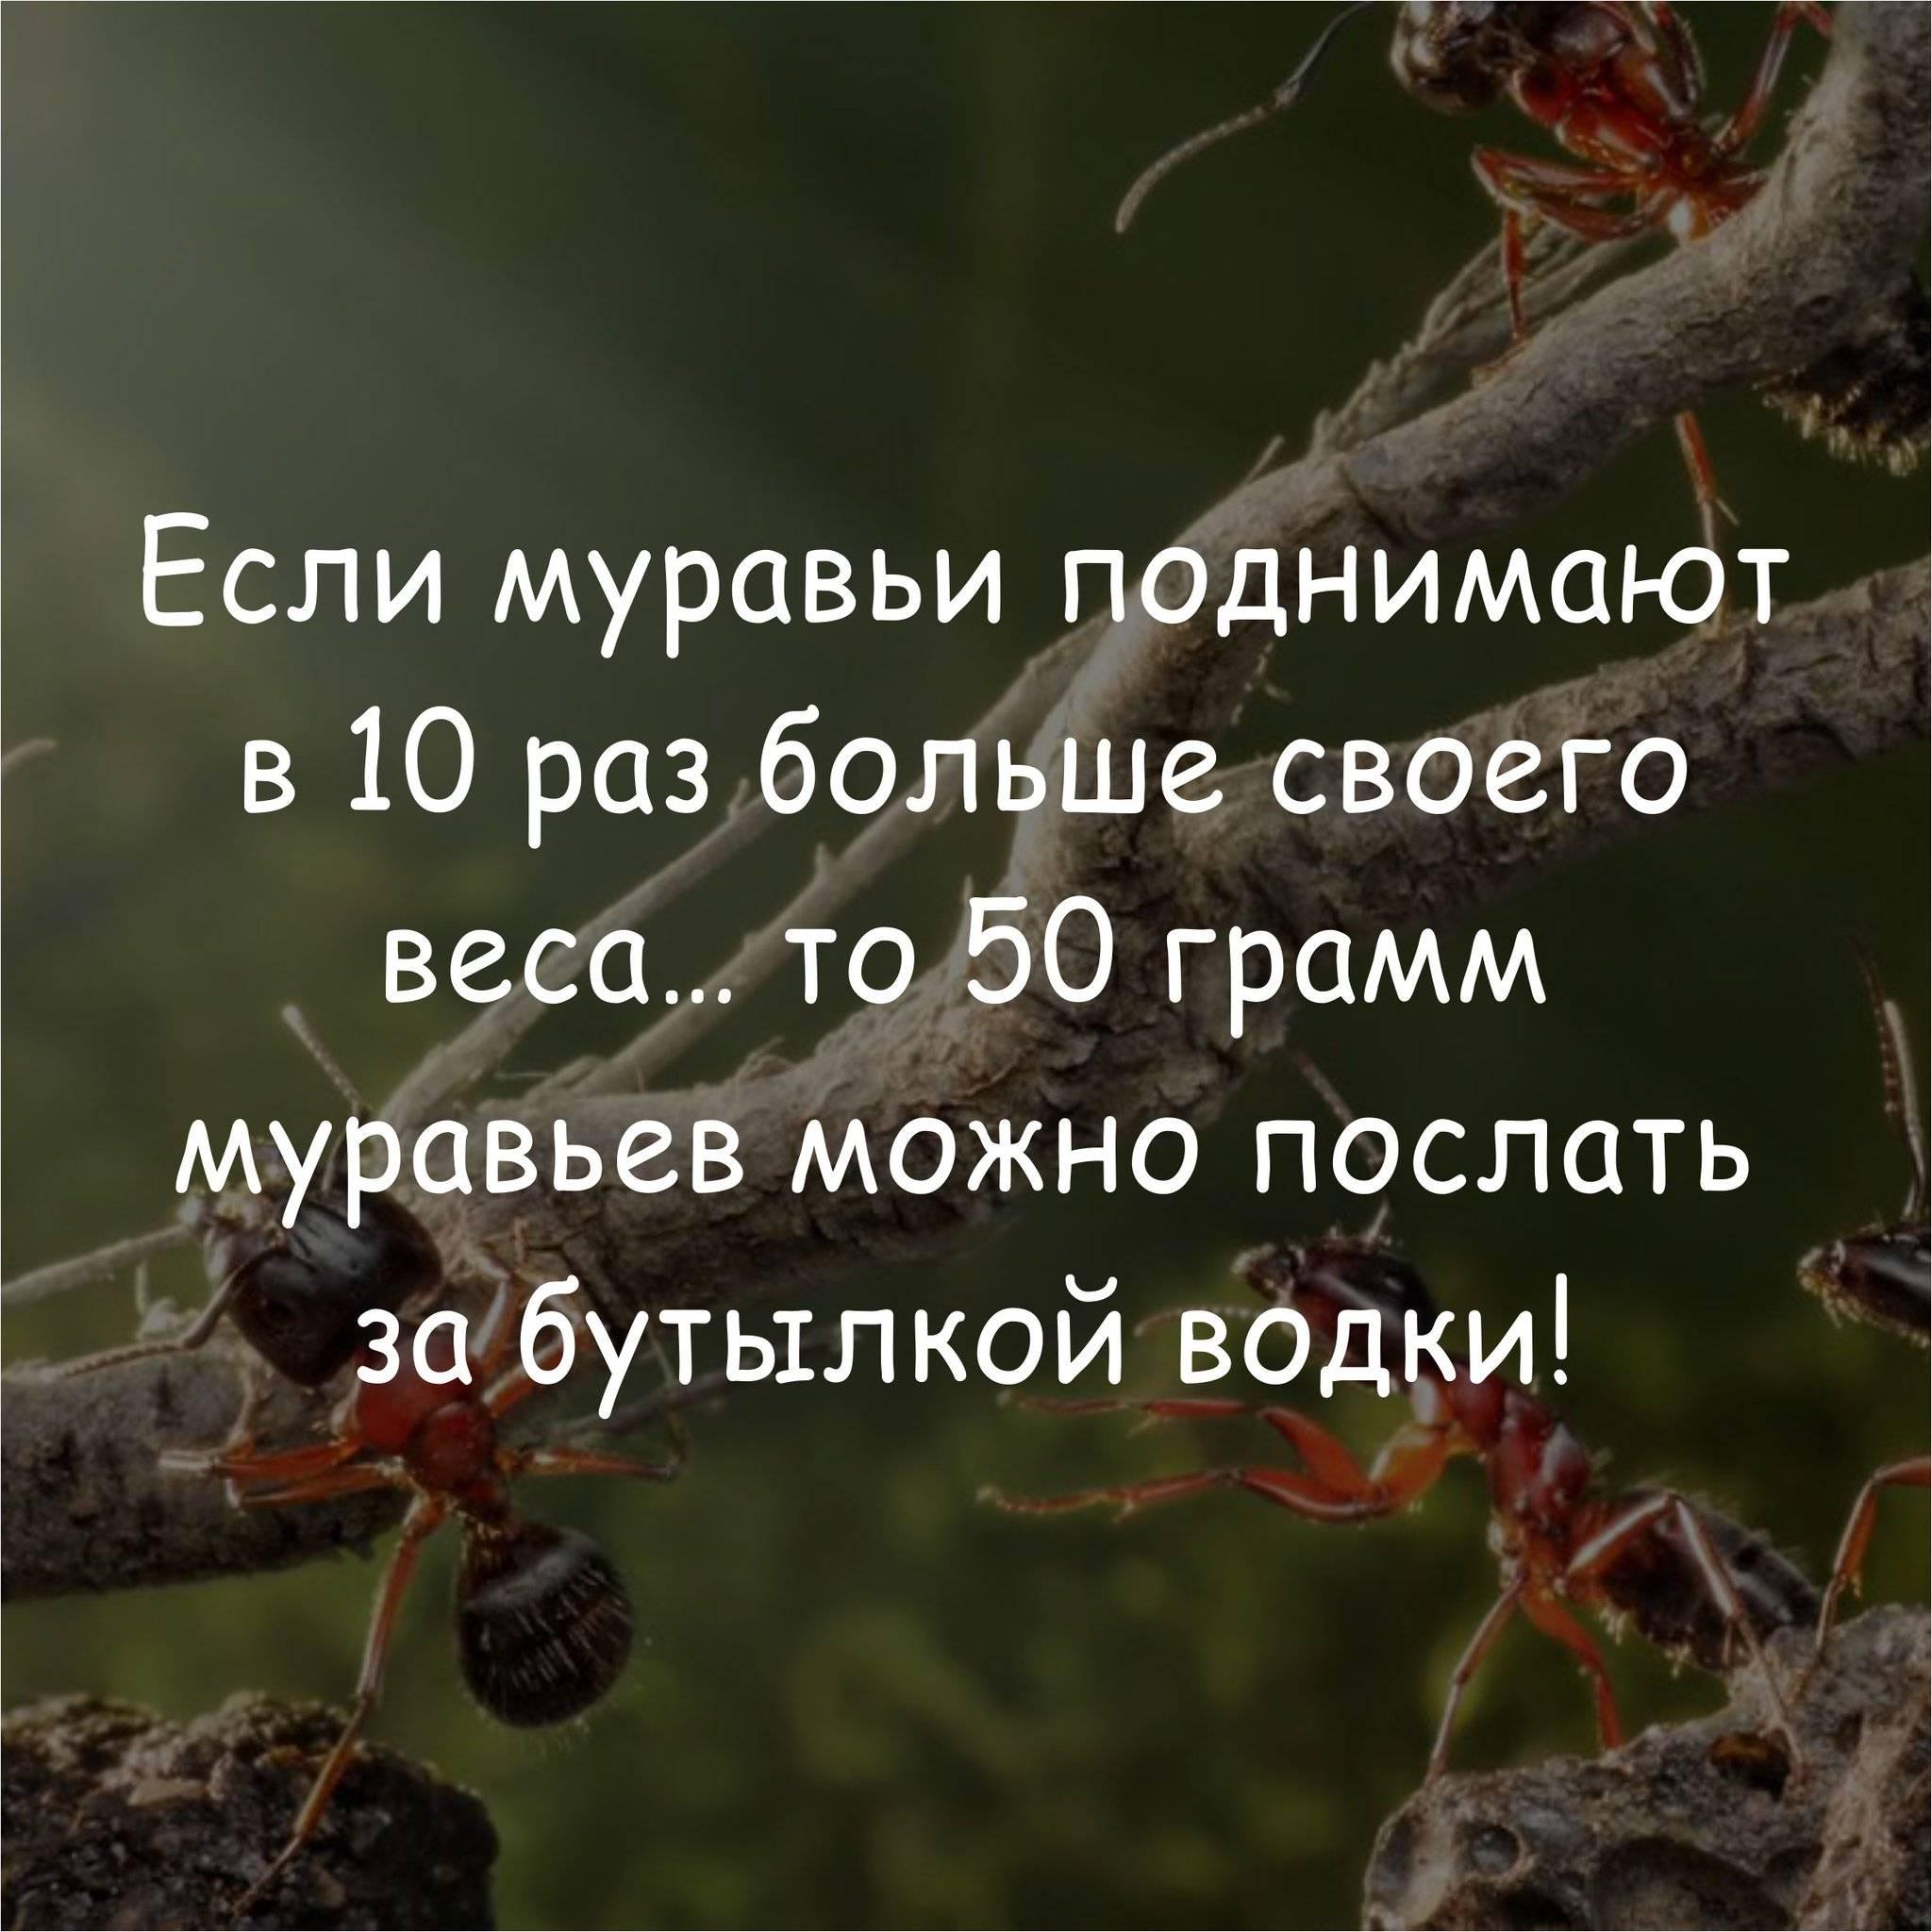 Сколько может поднять муравей. какой вес могут поднять муравьи? сколько весит матка